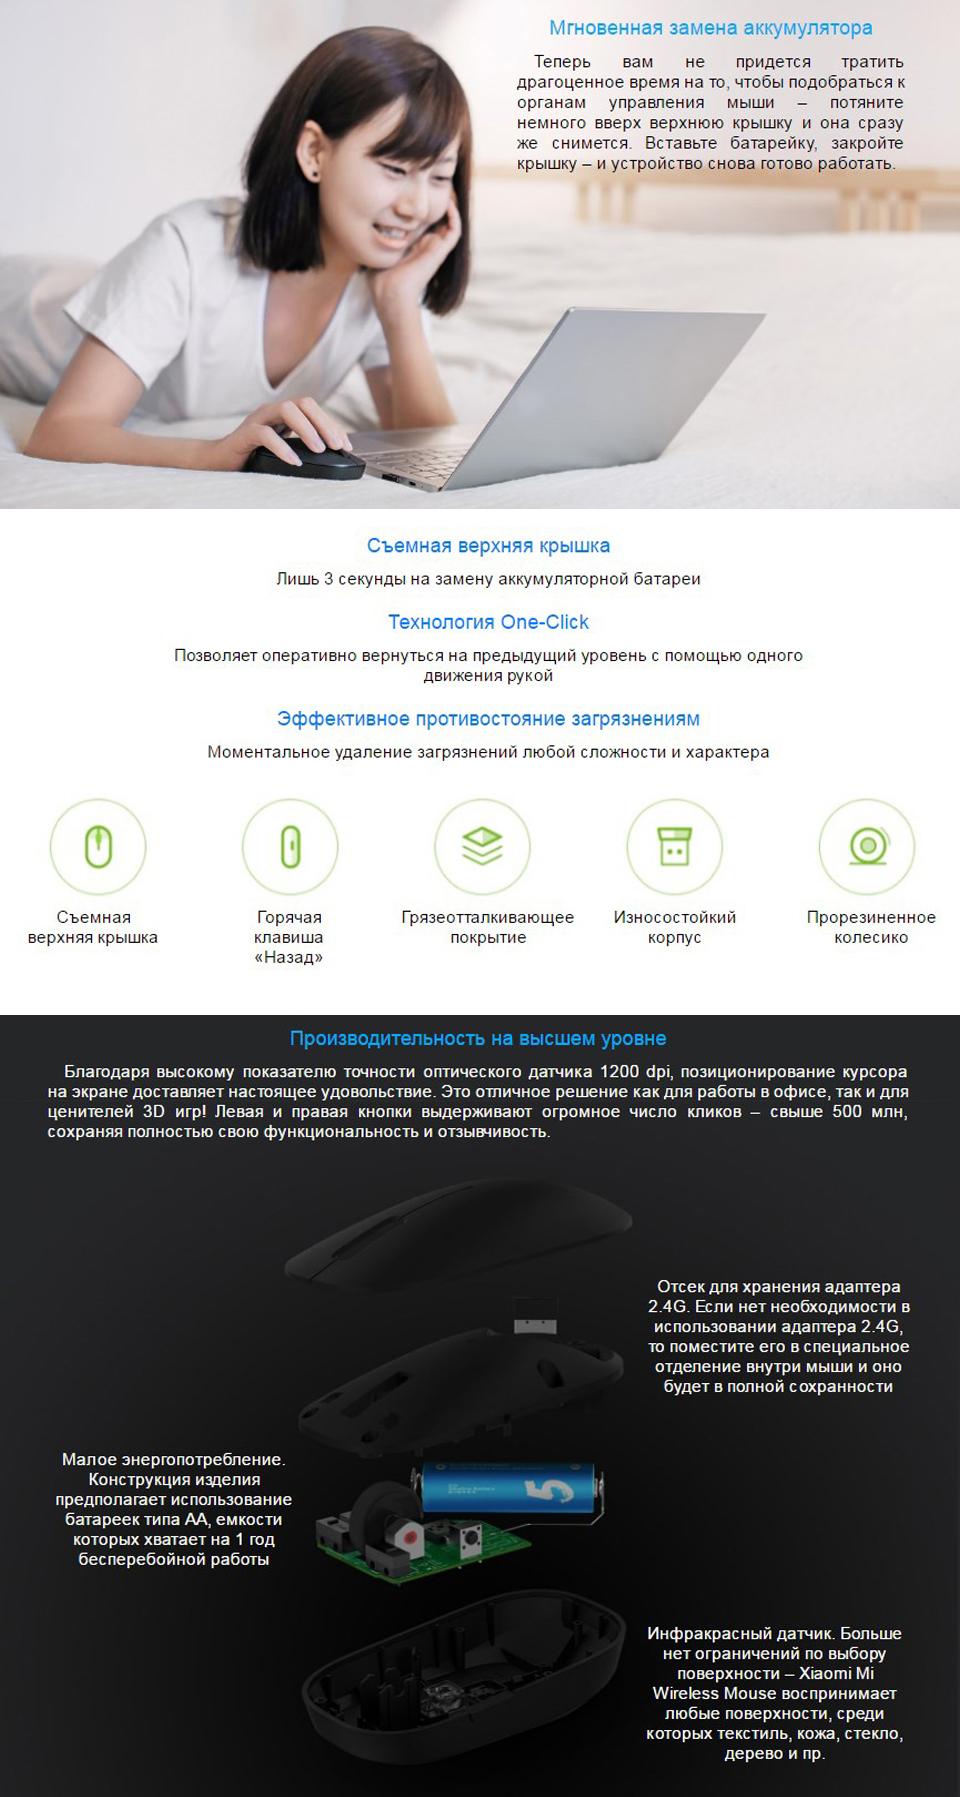 Xiaomi  Mi mouse 2 принцип строения